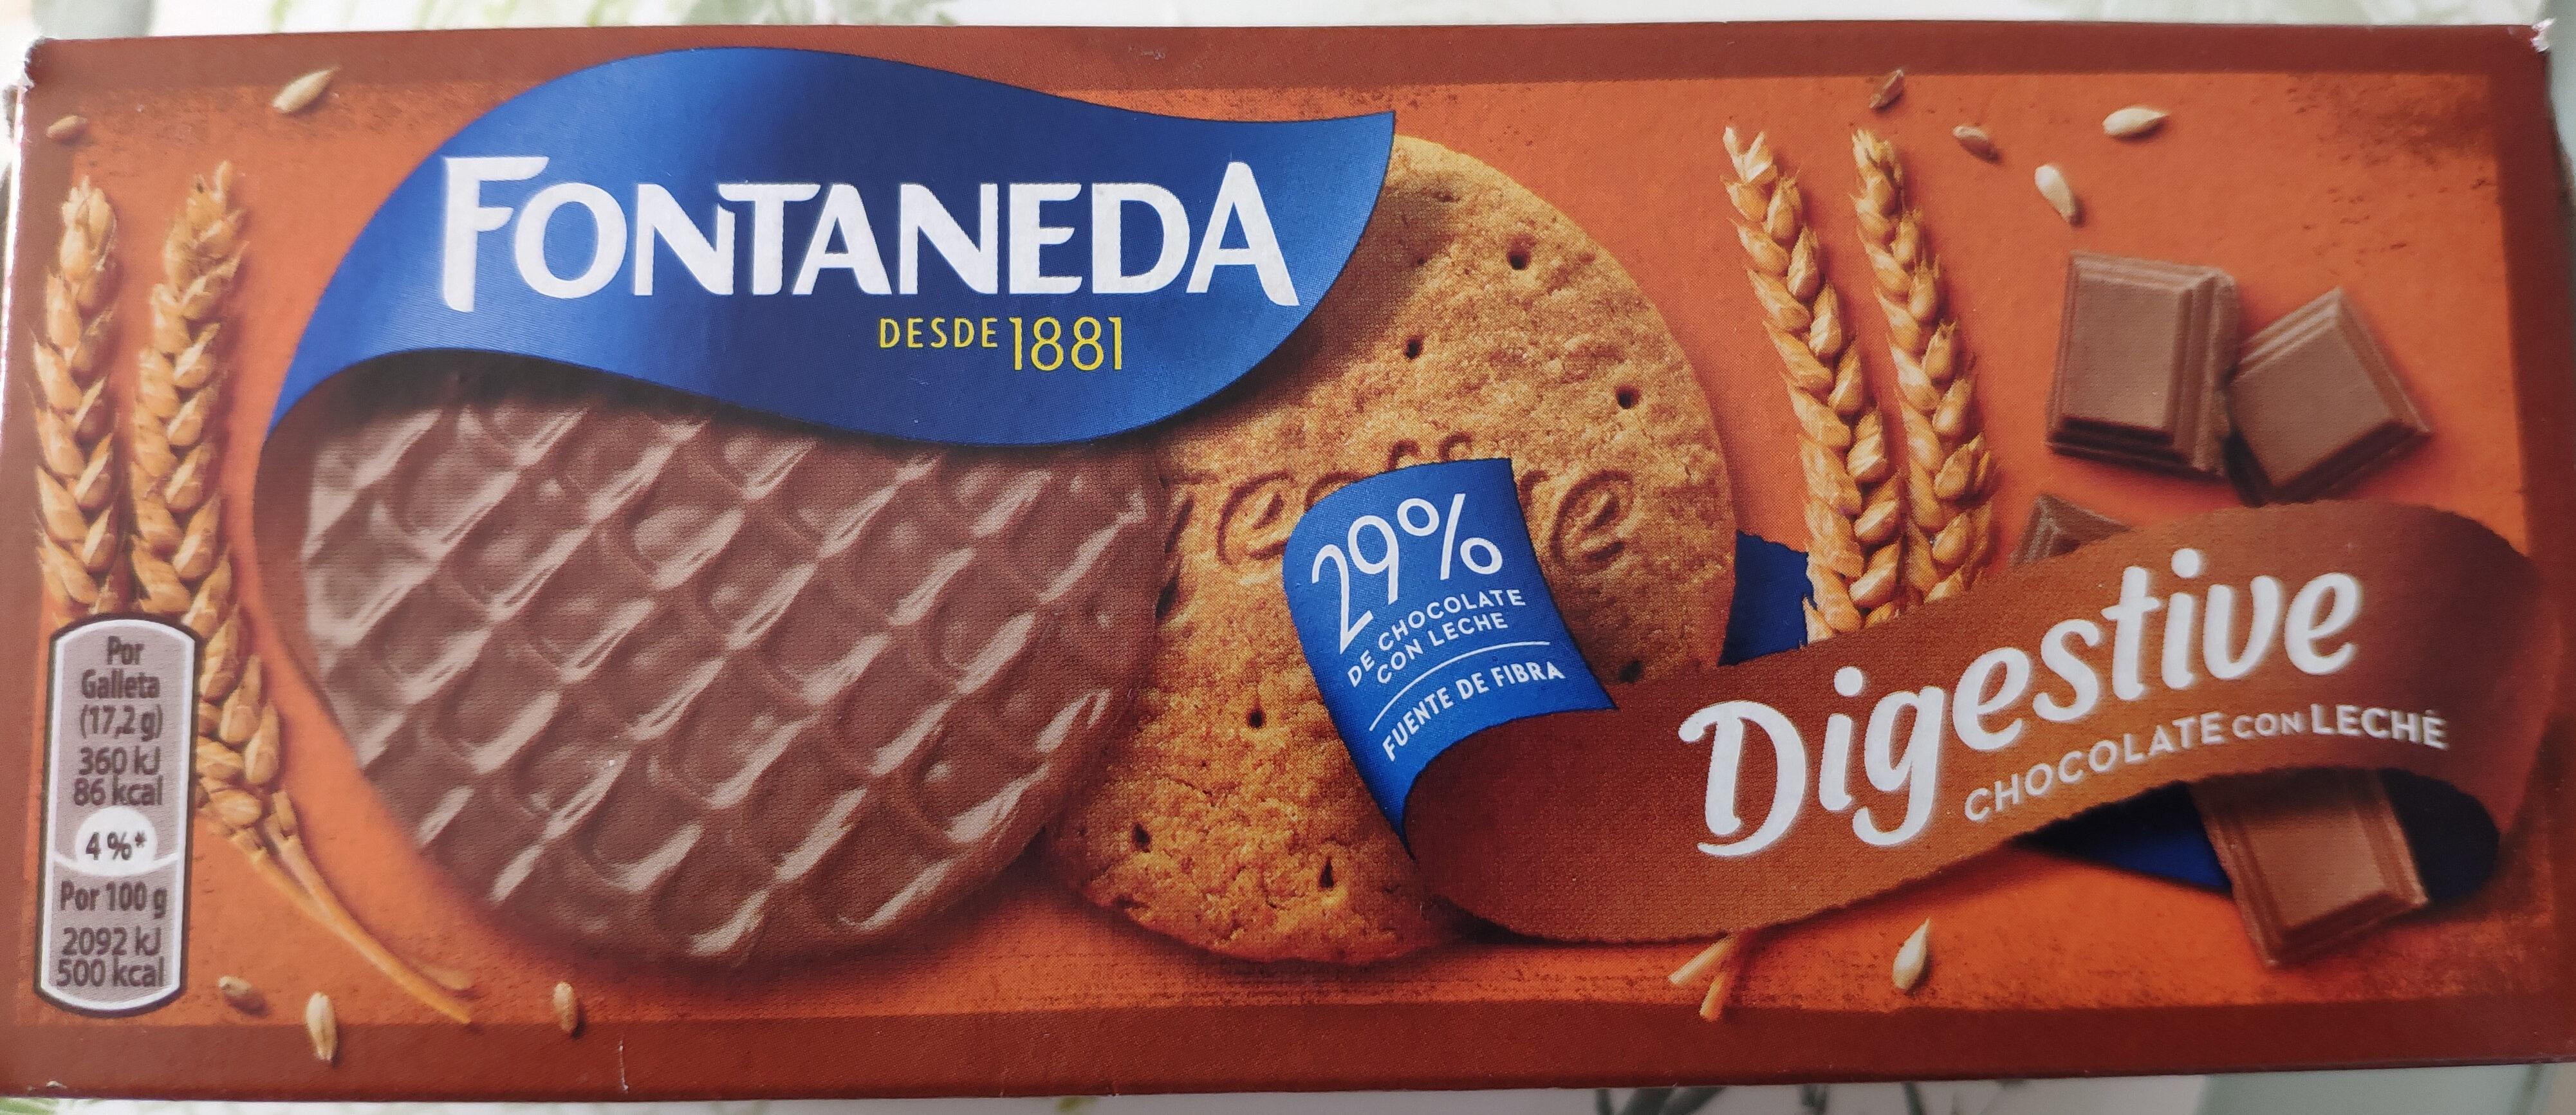 Galletas Digestive con chocolate con leche - Producte - es